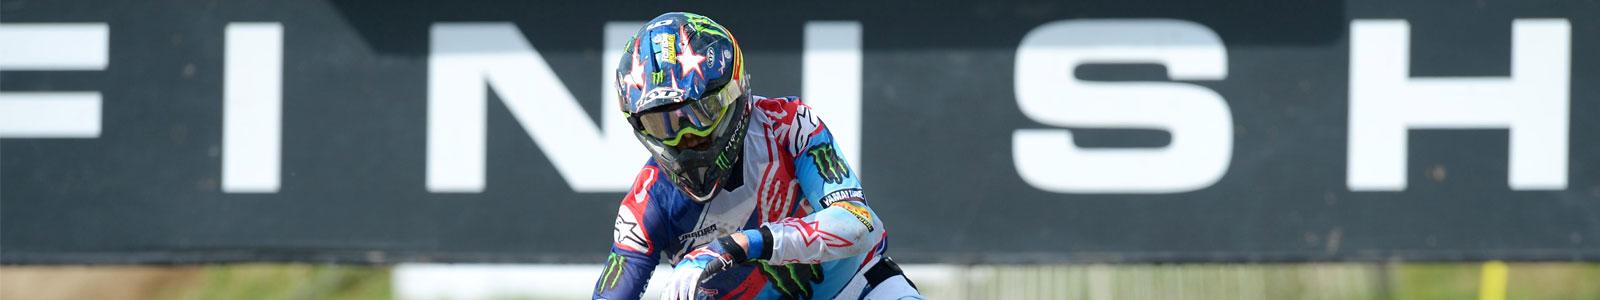 Romain-Febvre-moto-cross